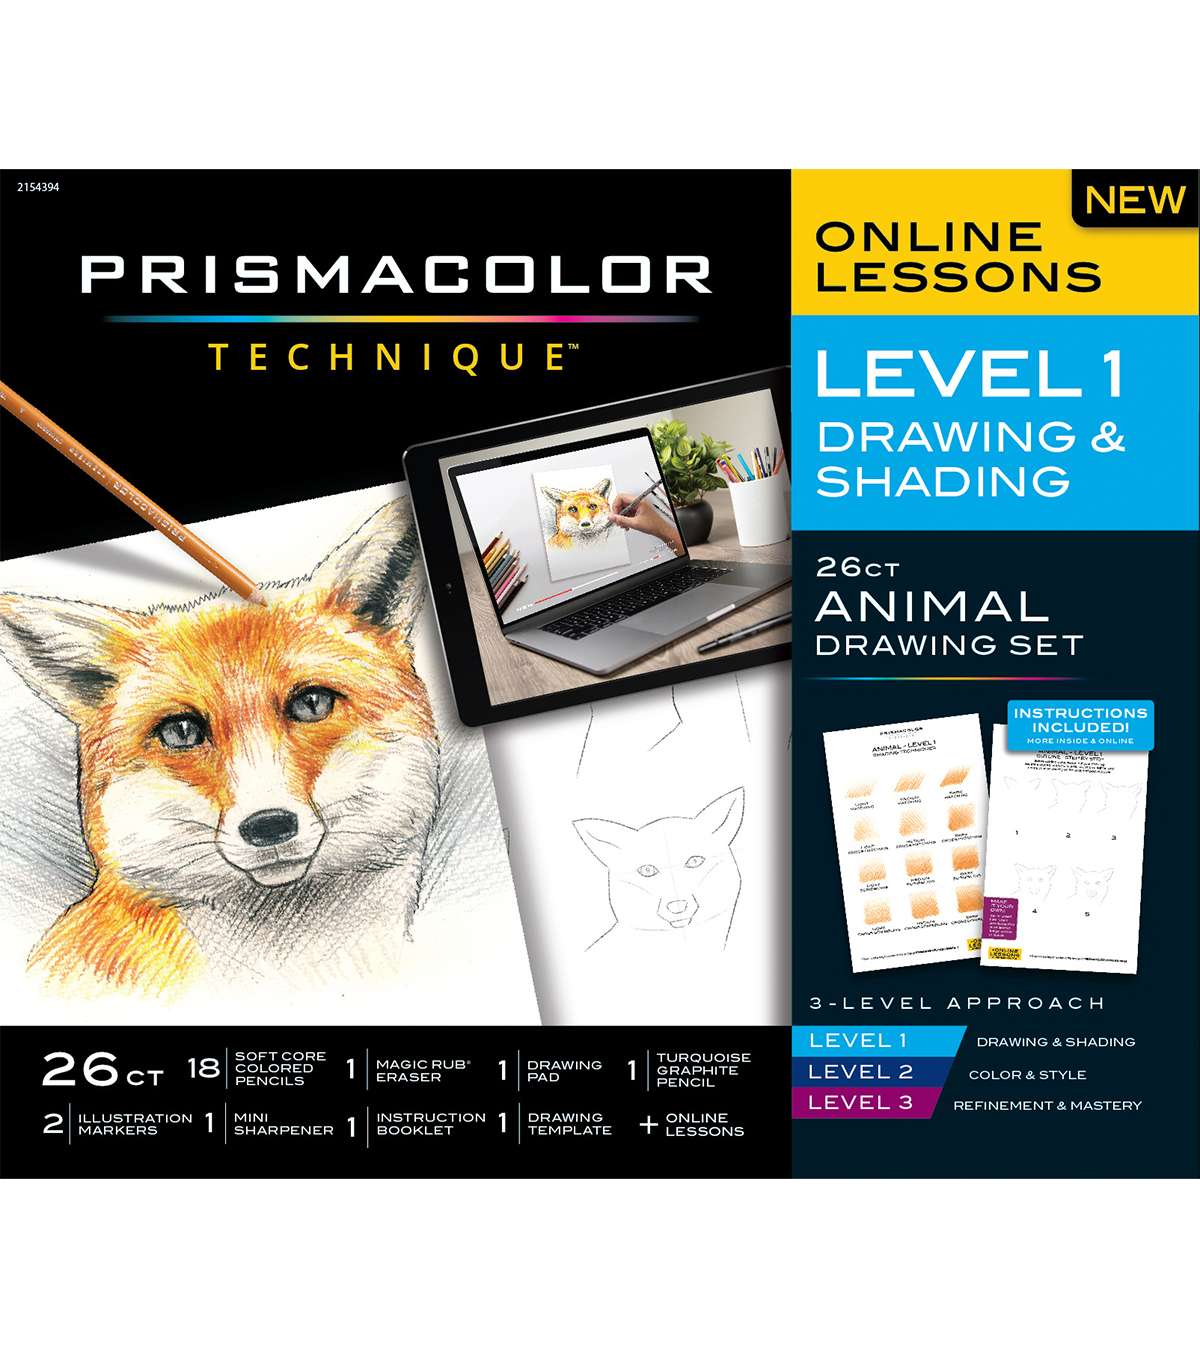 Animal drawing set